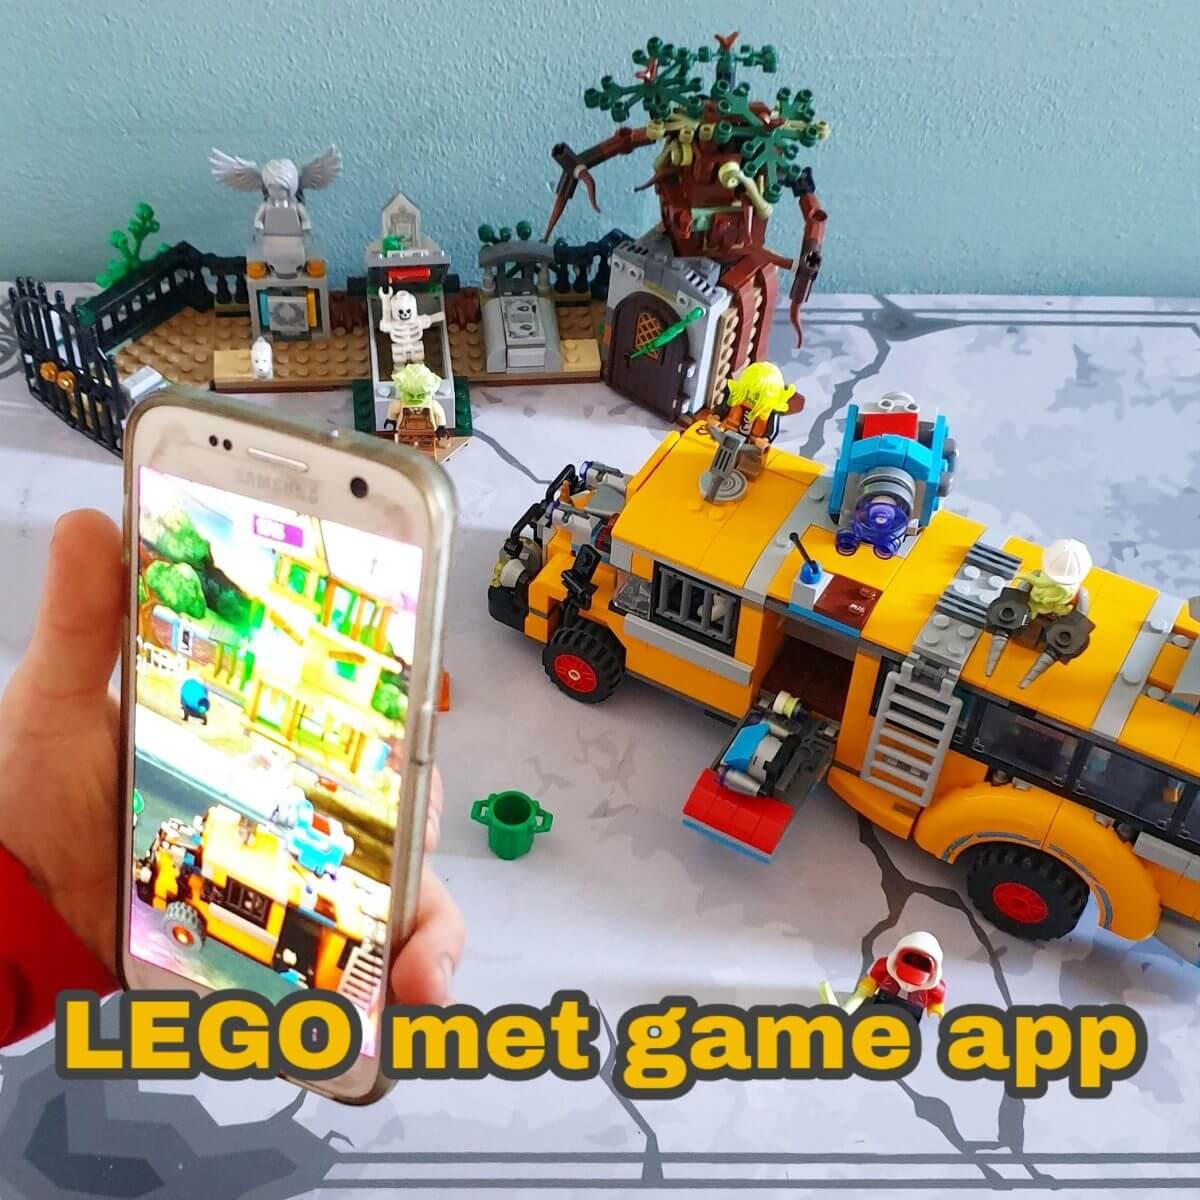 LEGO Hidden Side met augmented reality app game